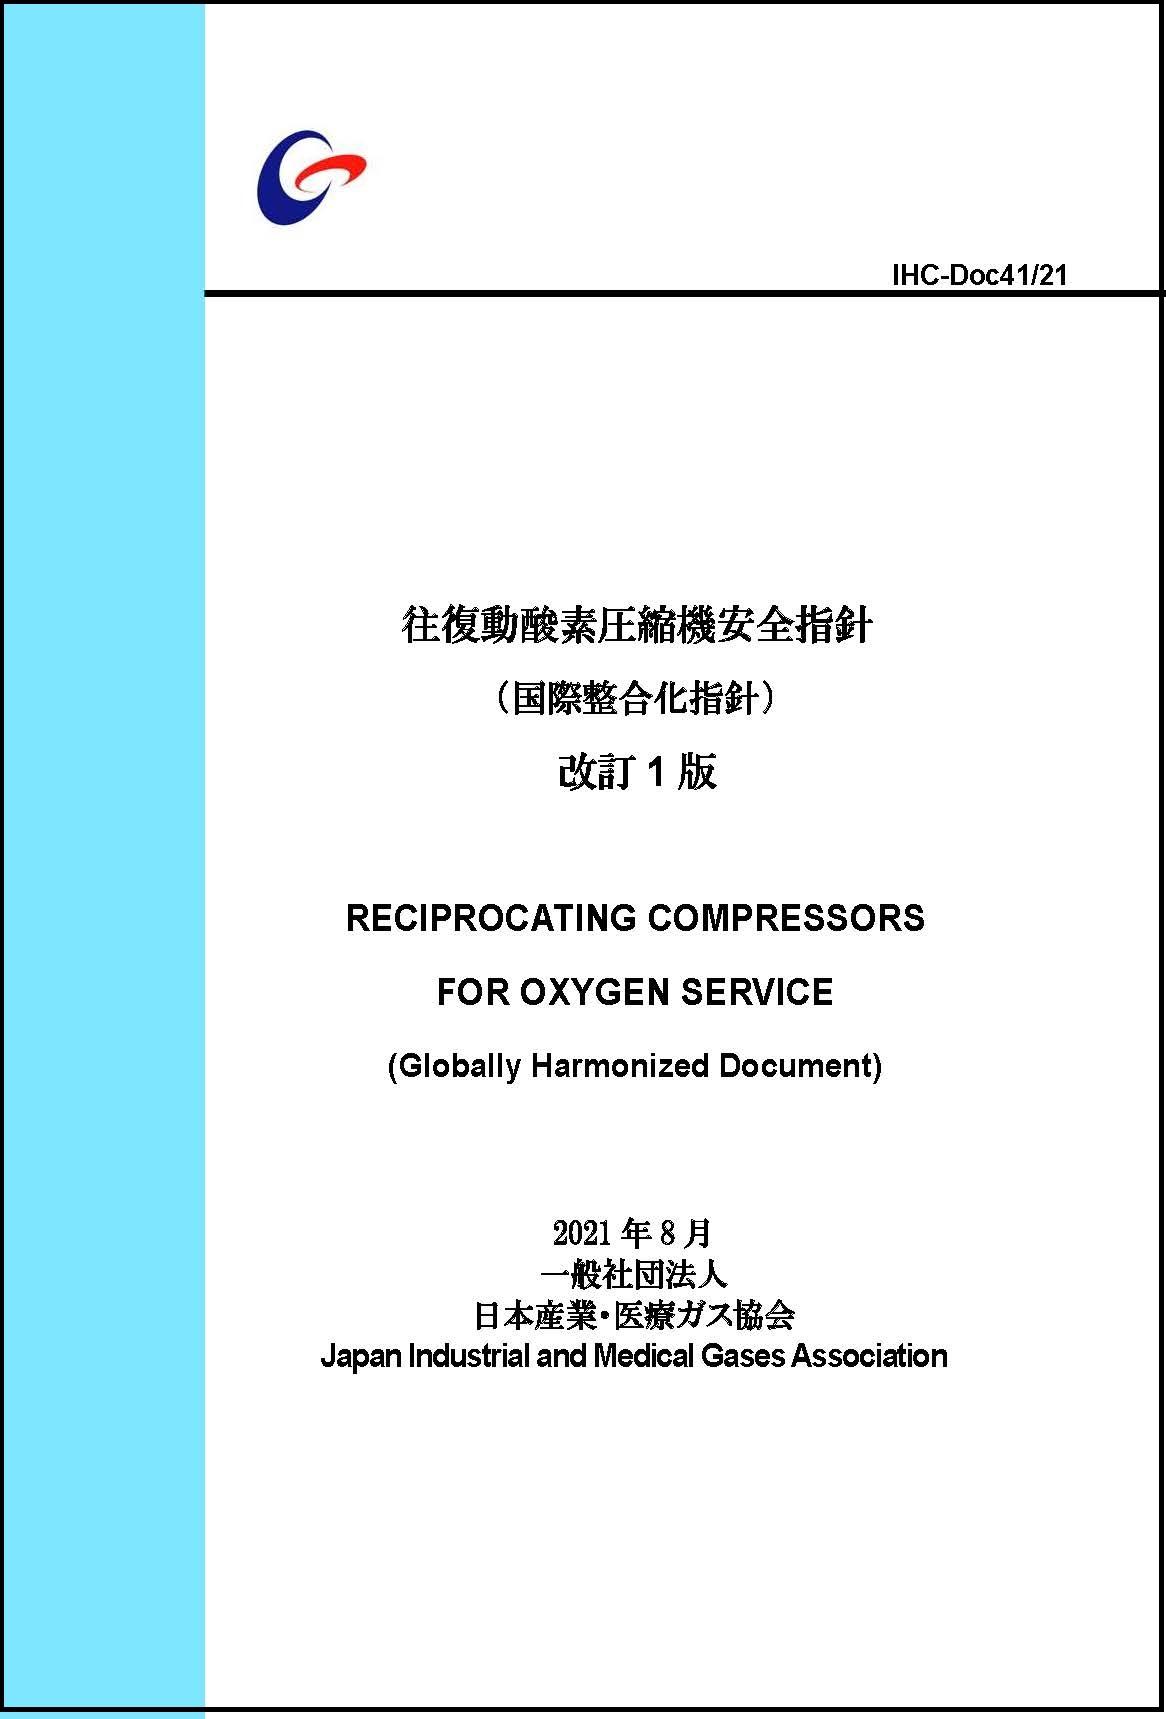 往復動酸素圧縮機安全指針